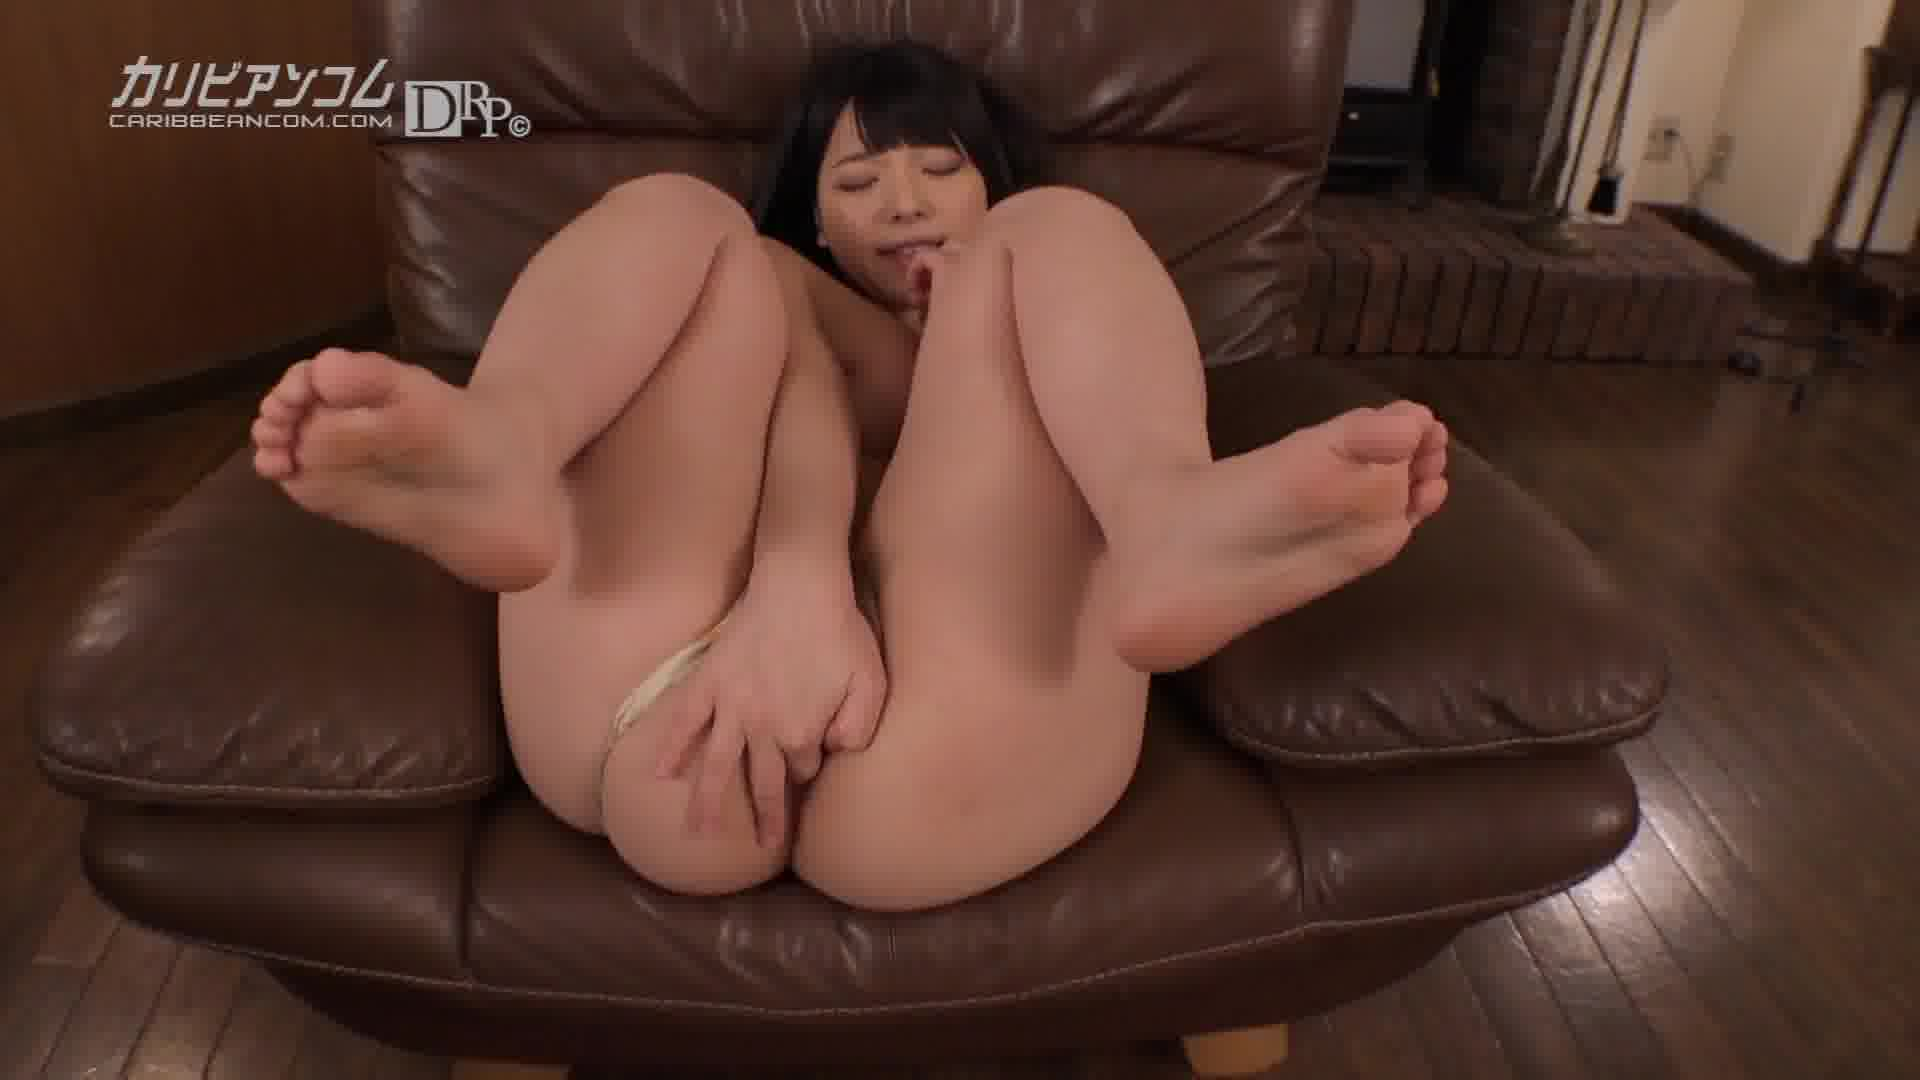 アナル図鑑 上原亜衣 - 上原亜衣【巨乳・アナル・オナニー】